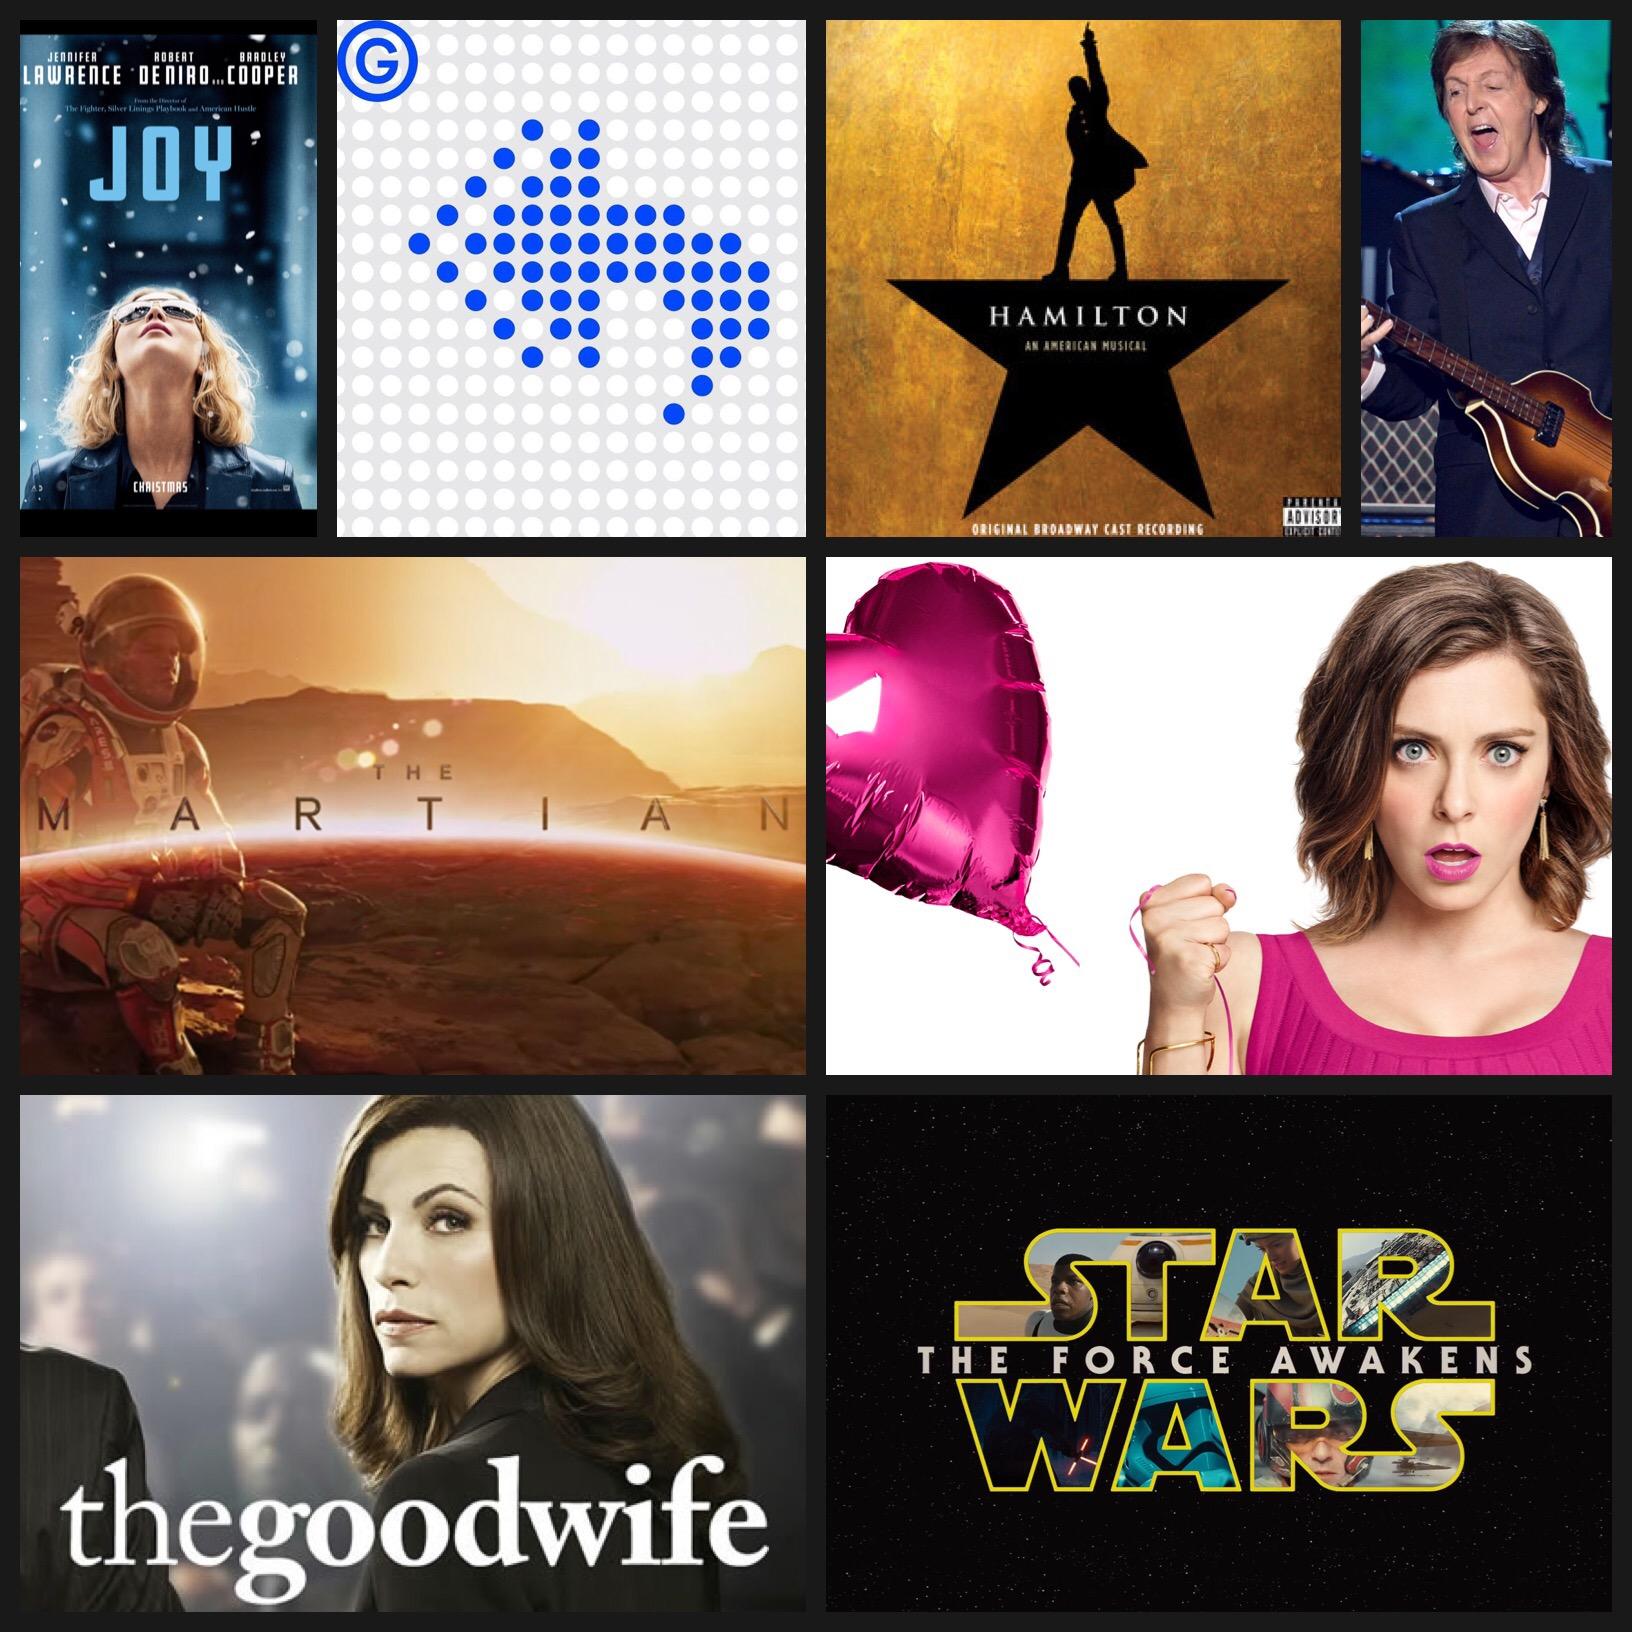 2015 pop culture